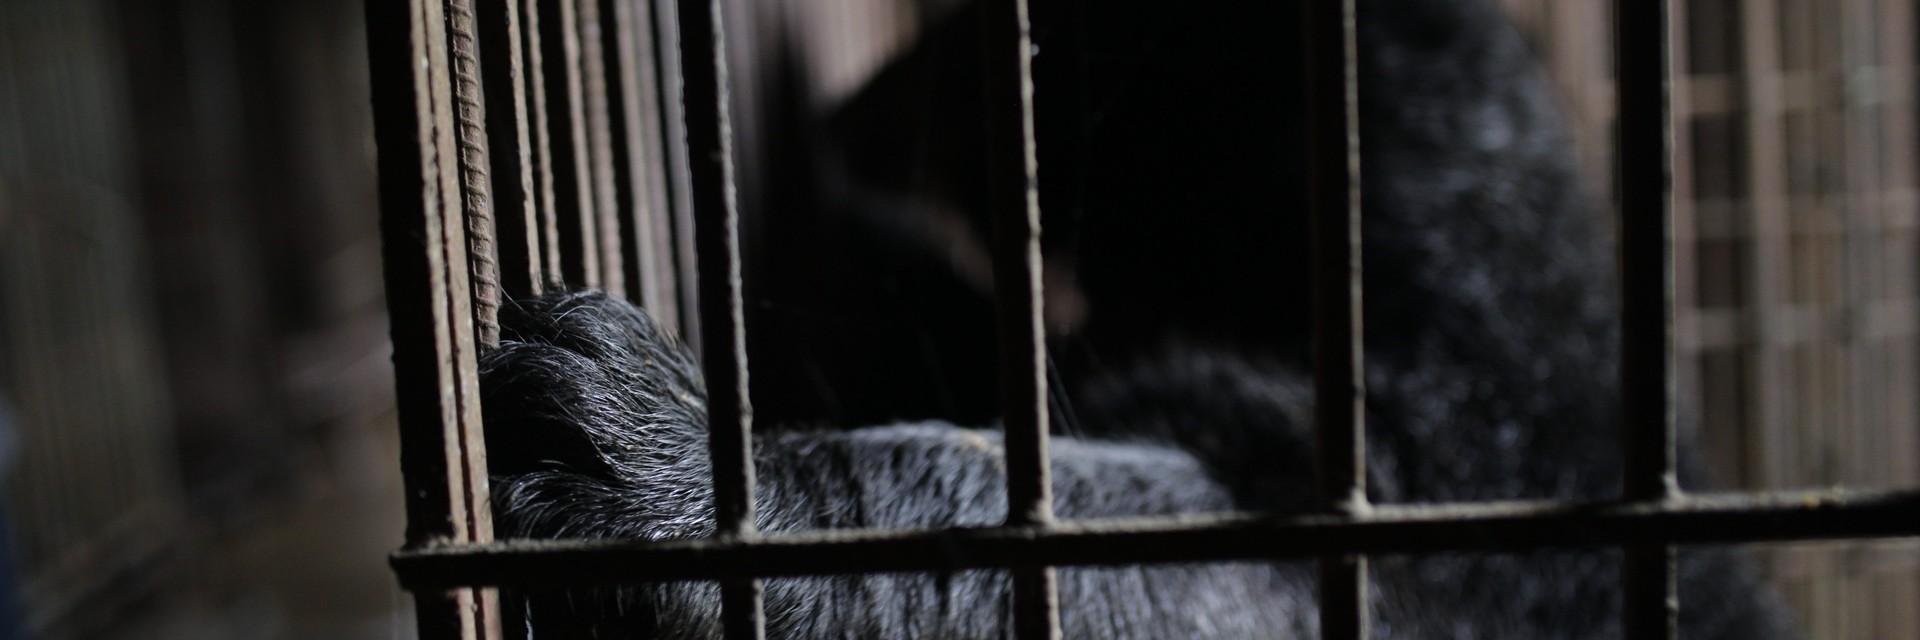 Gallebär im Käfig in Vietnam